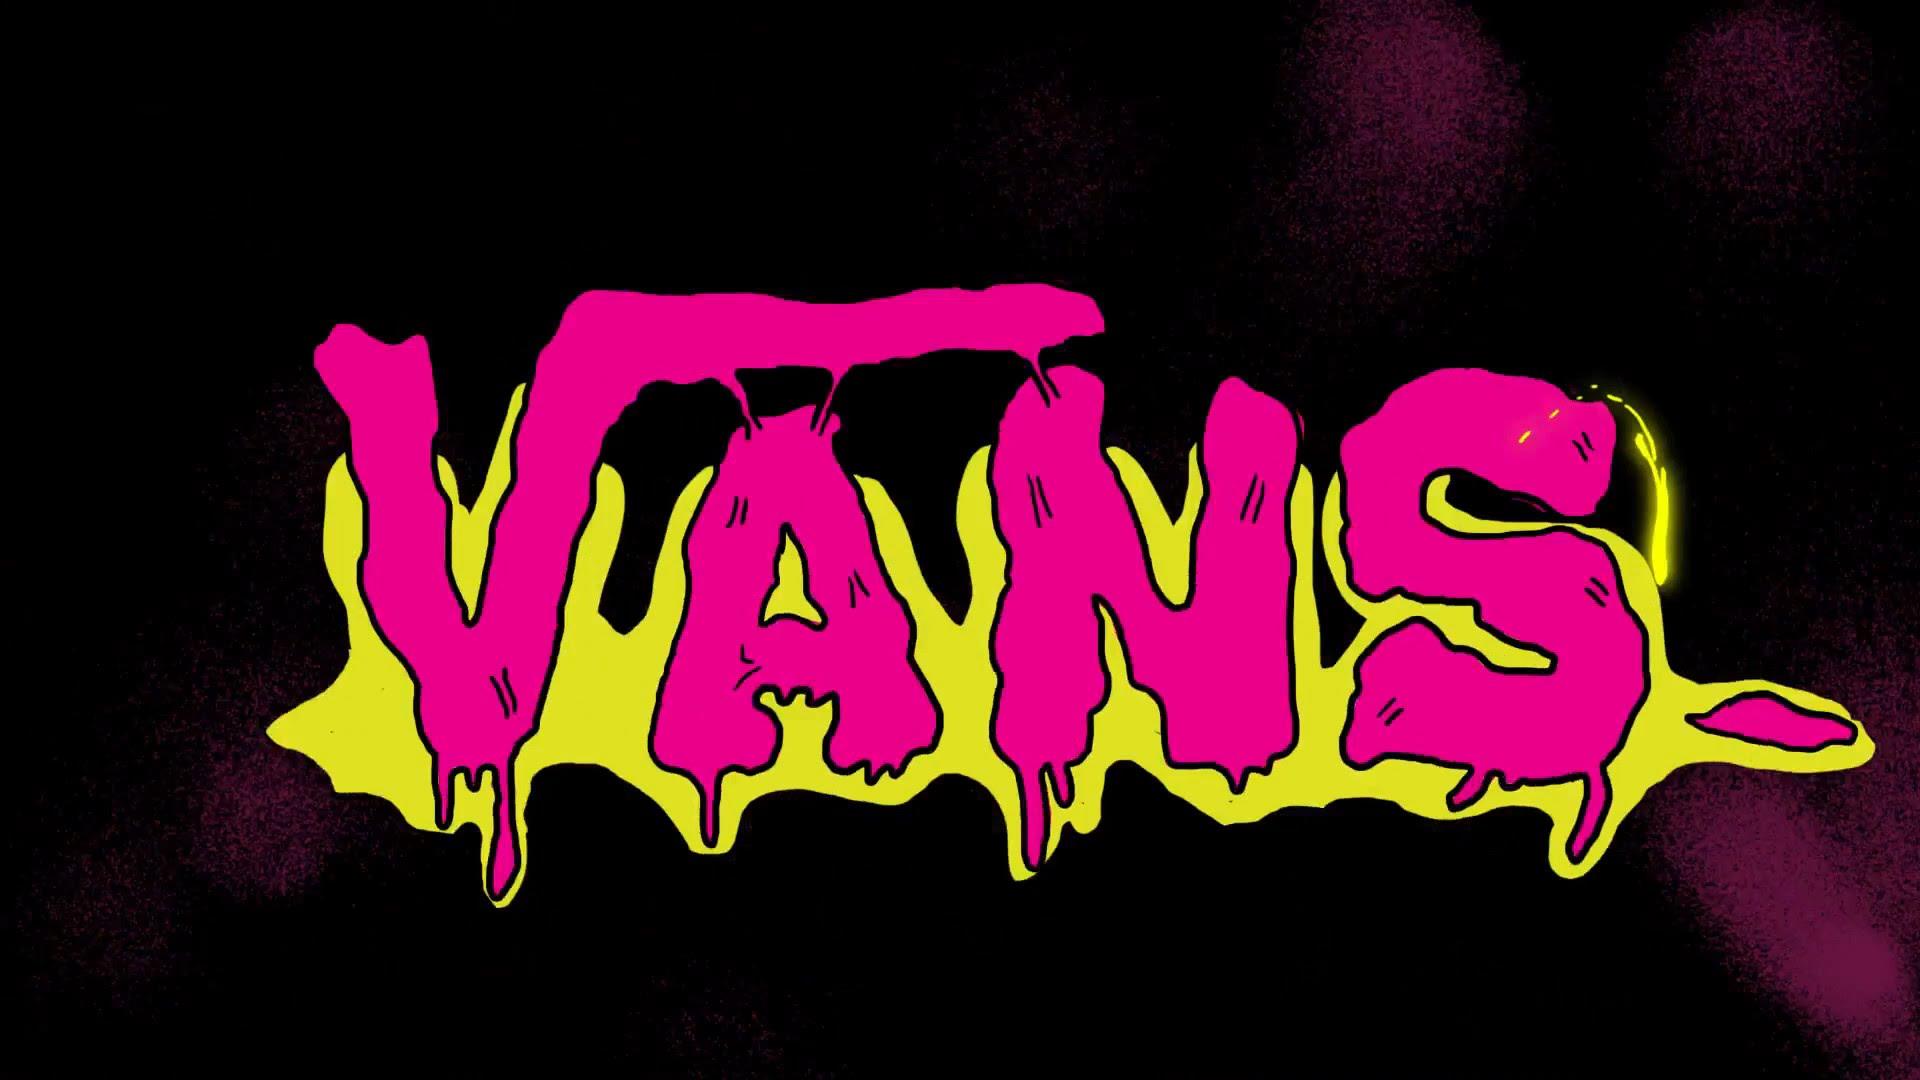 Vans Logo Wallpapers HD 1920x1080